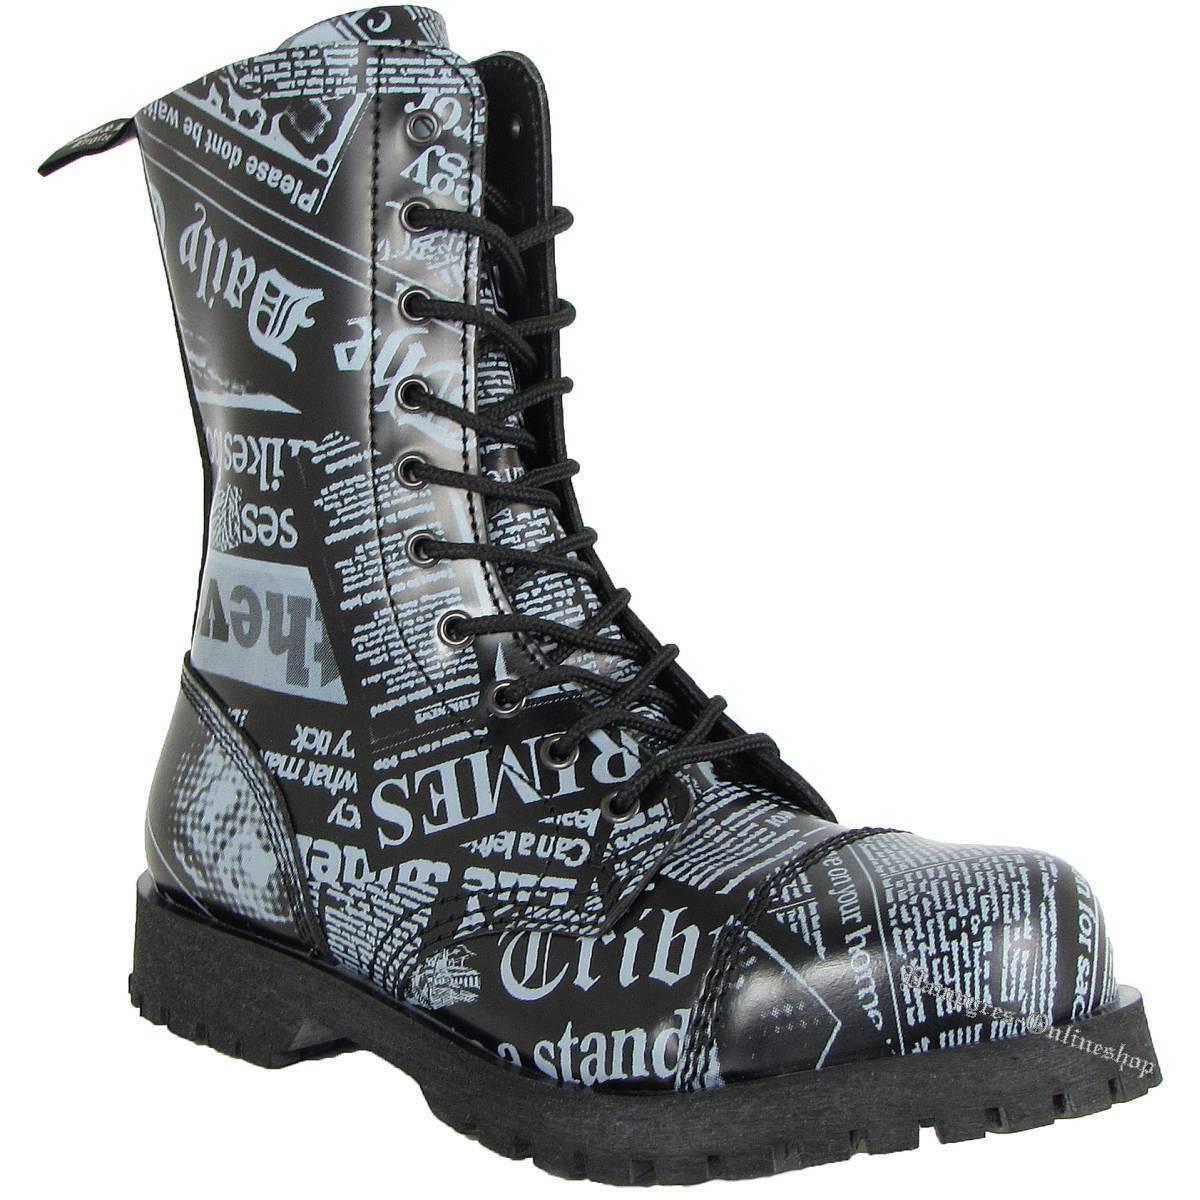 Boots And Braces 10-Loch Newspaper Schwarz Grau Rangers Motiv Zeitung Stiefel